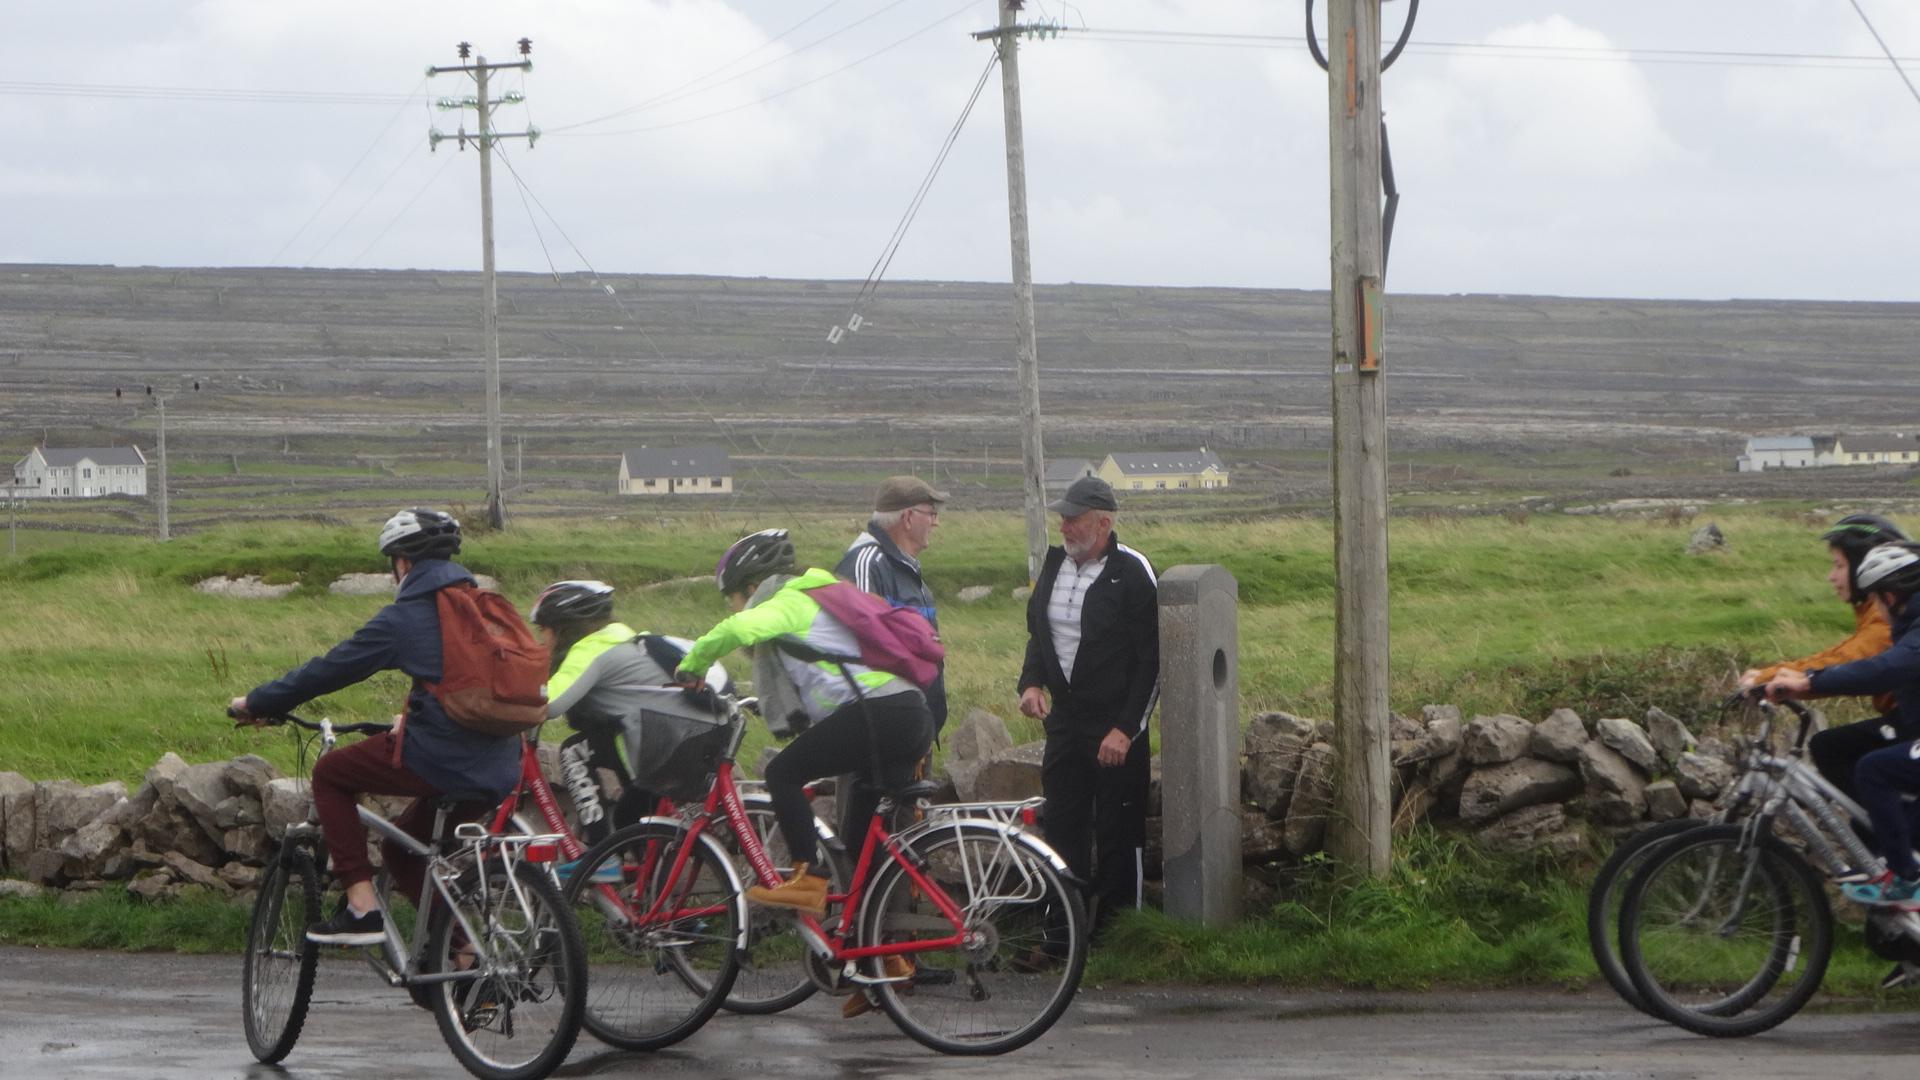 元気なサイクリング隊